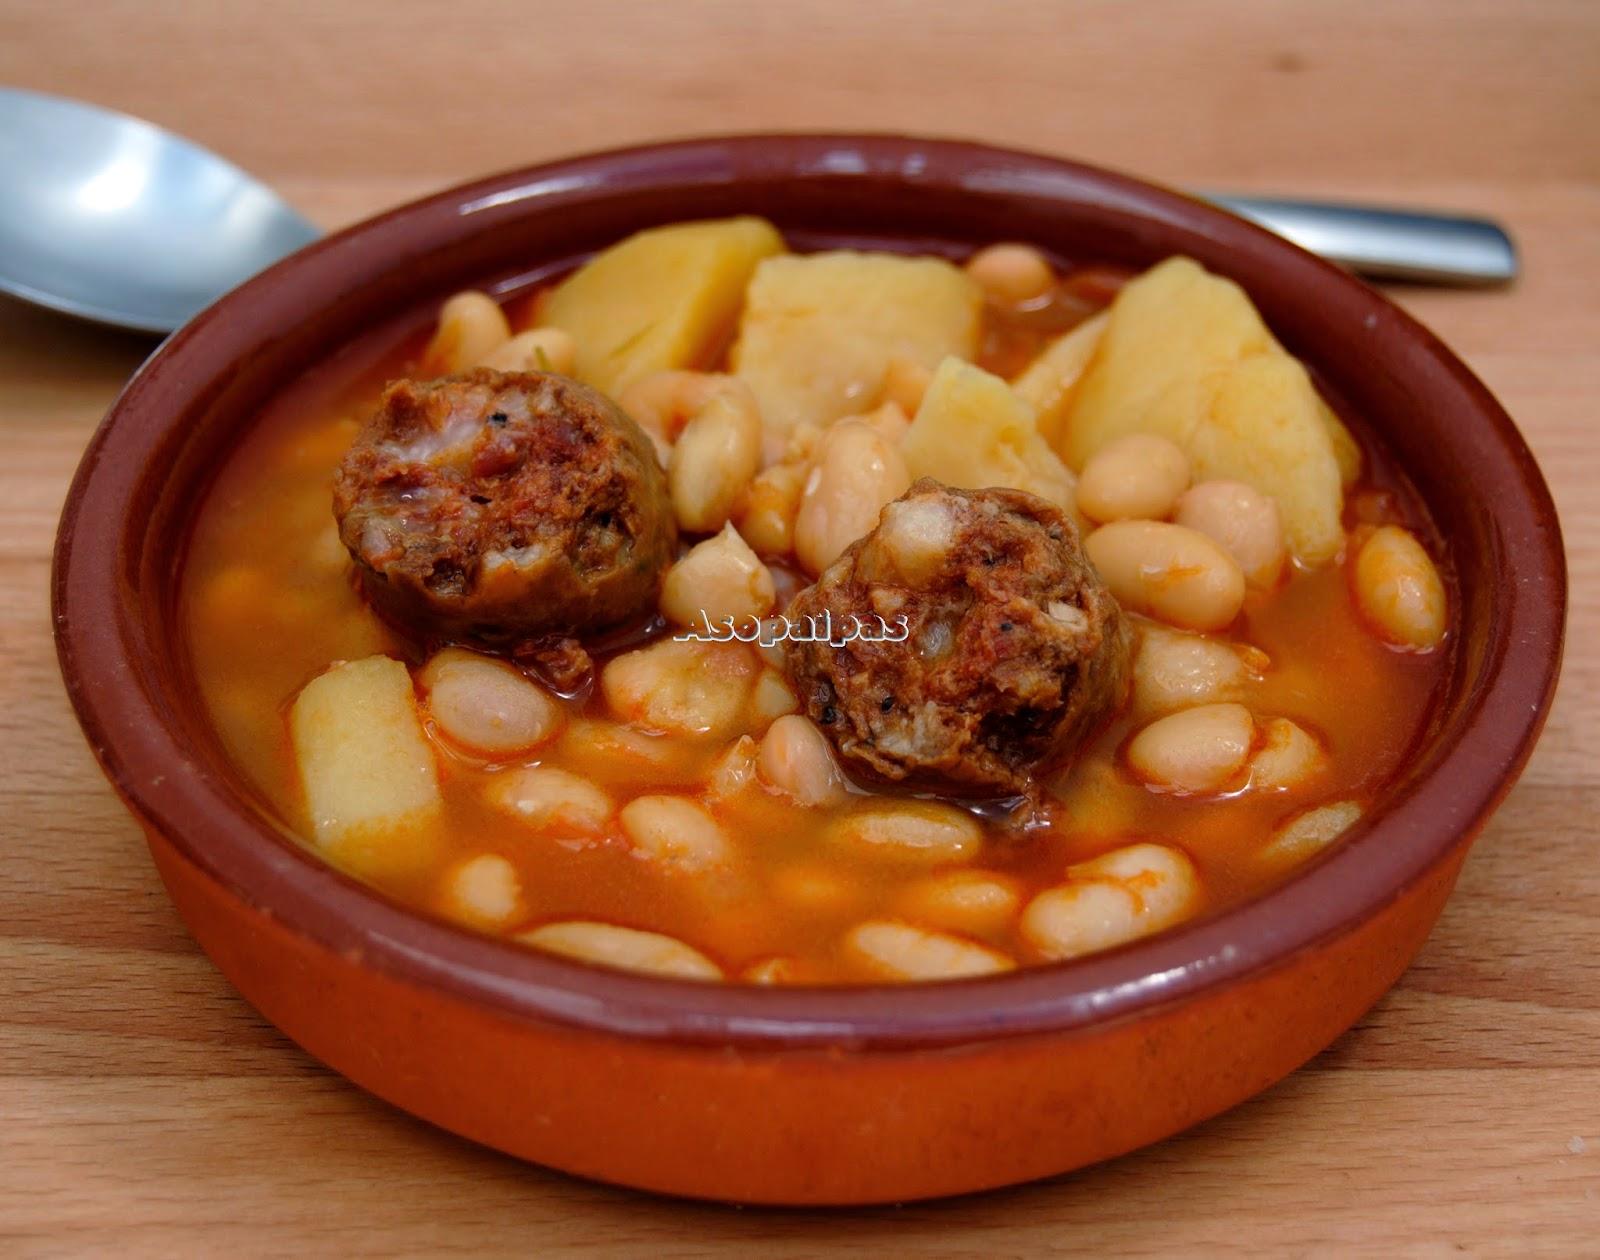 Potaje de jud as blancas con chorizo receta asopaipas recetas de cocina casera - Judias con chorizo y patatas ...